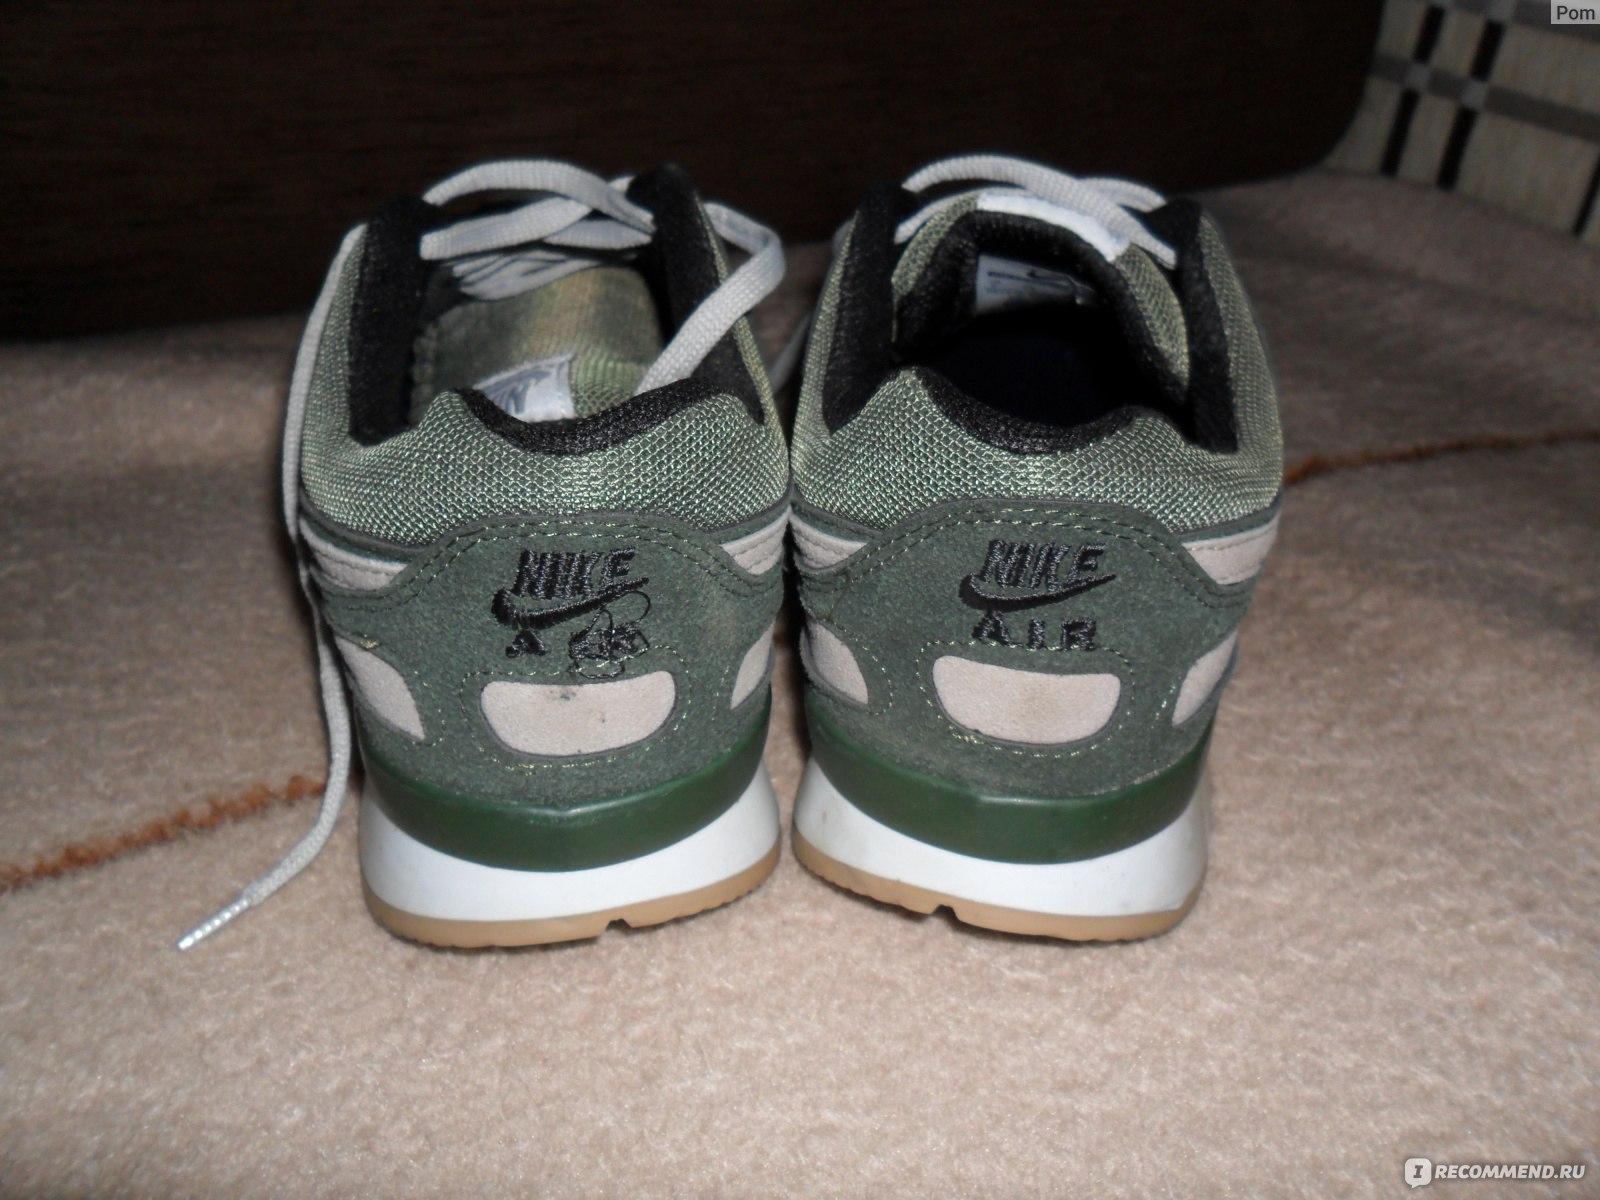 088ef200 Кроссовки Nike Air Pegasus 89 - «Мягкие и удобные кроссовки NIKE ...